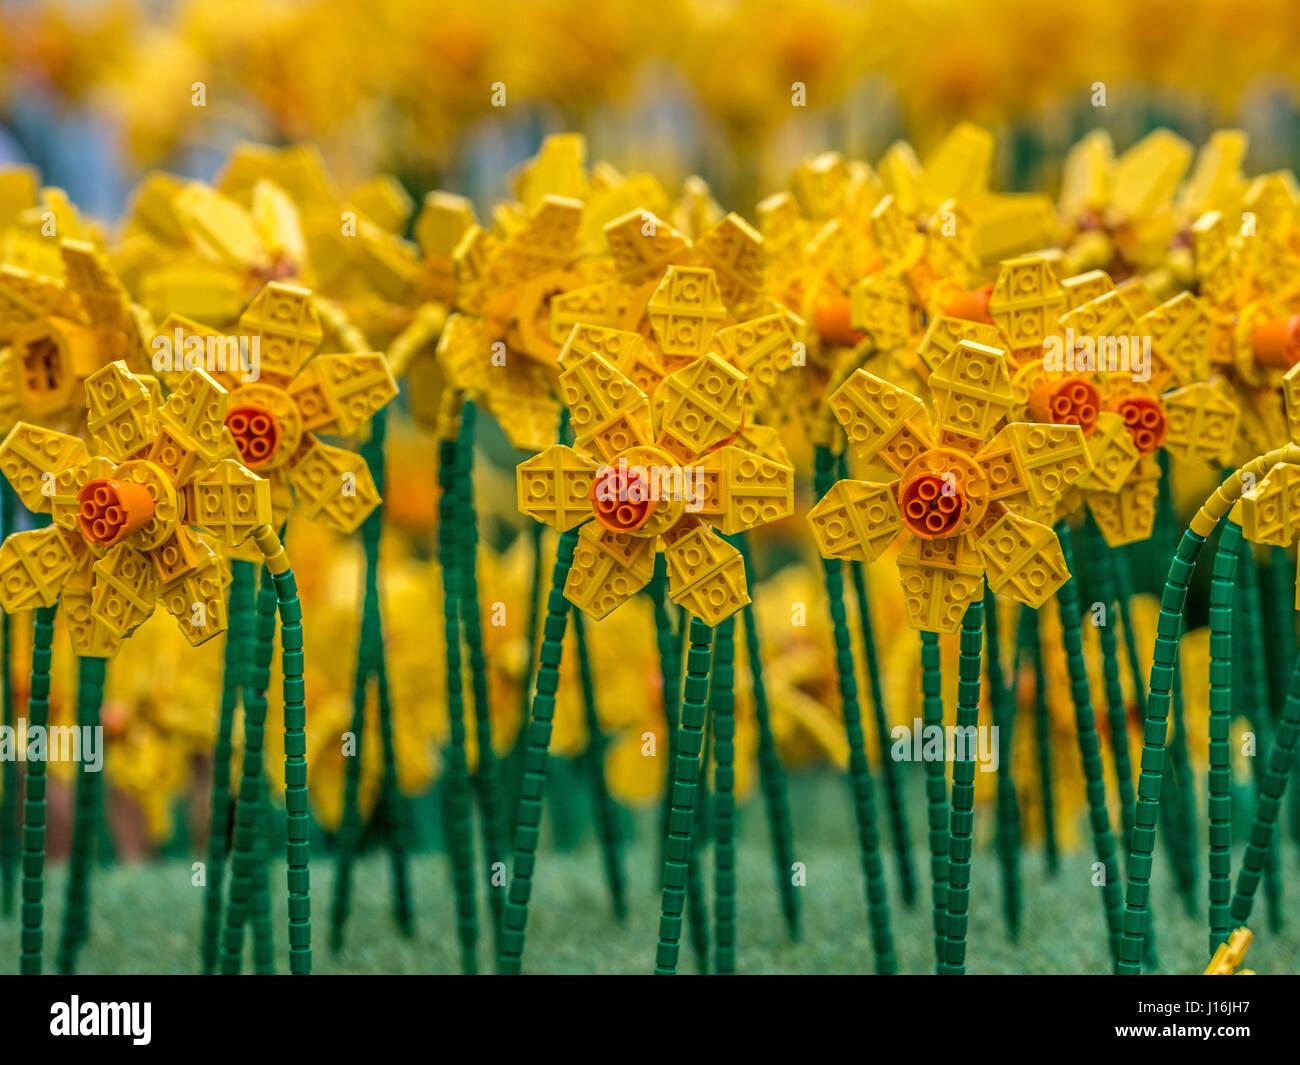 Spring Flower bed, Lego construit avec 146 400 briques de Lego par Duncan Titmarsh,UK's Lego seulement certified Photo Stock